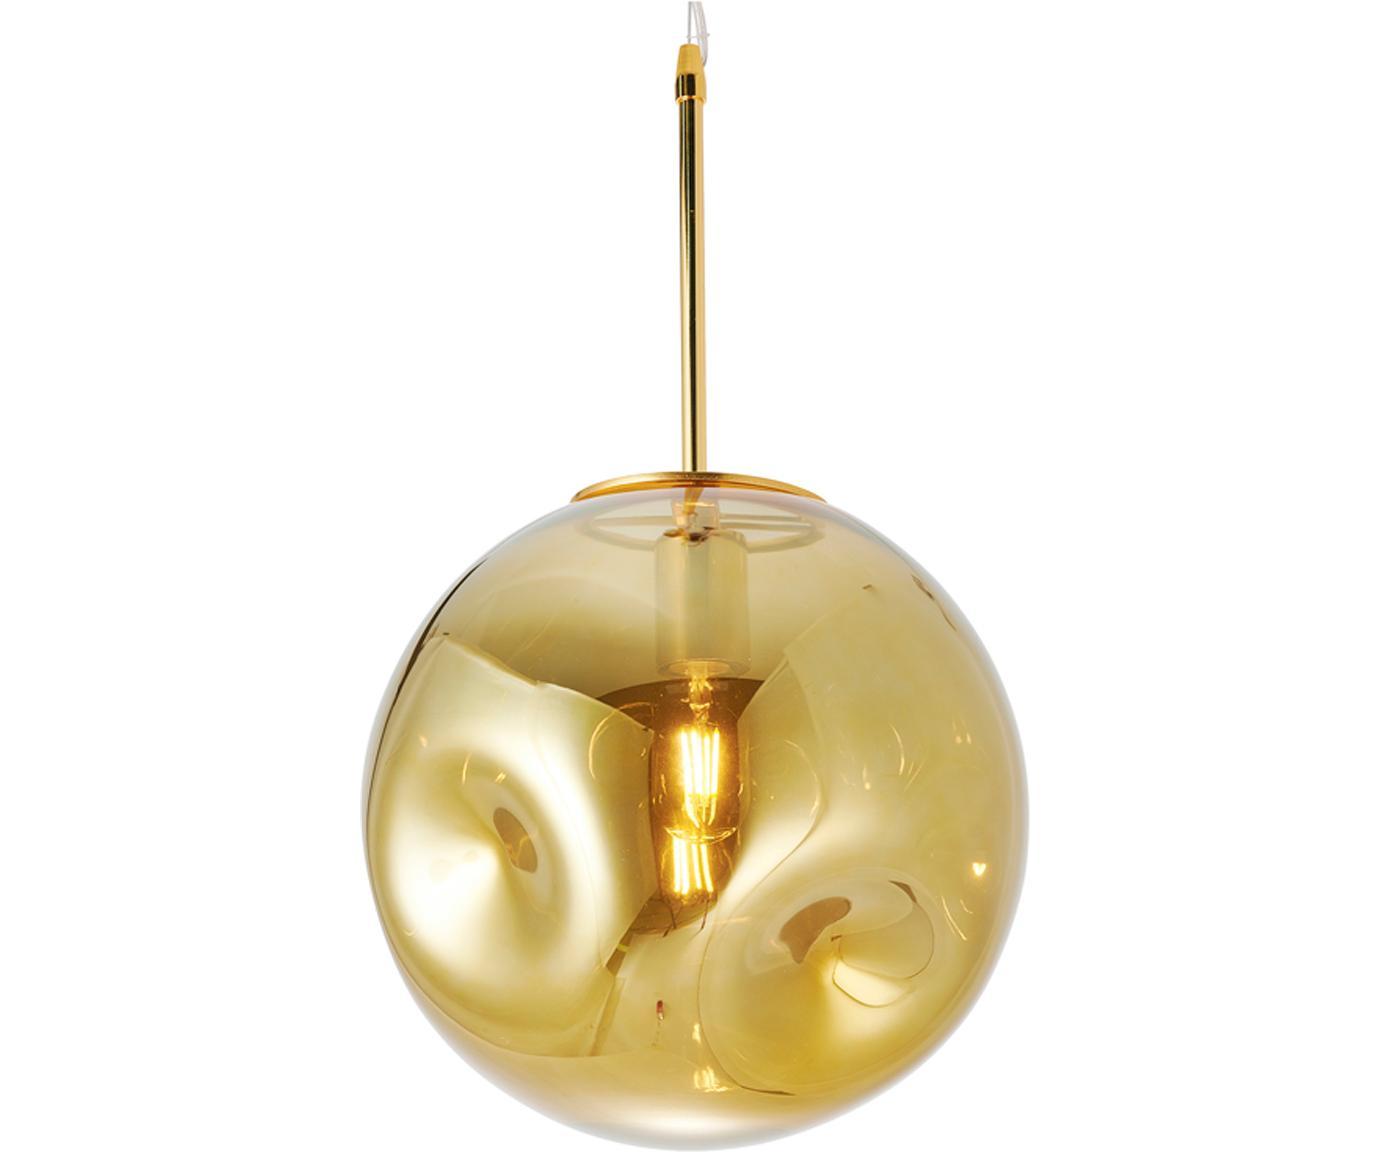 Lampada a sospensione Blown, Metallo, materiale sintetico, vetro, Dorato, Ø 30 x Alt. 30 cm